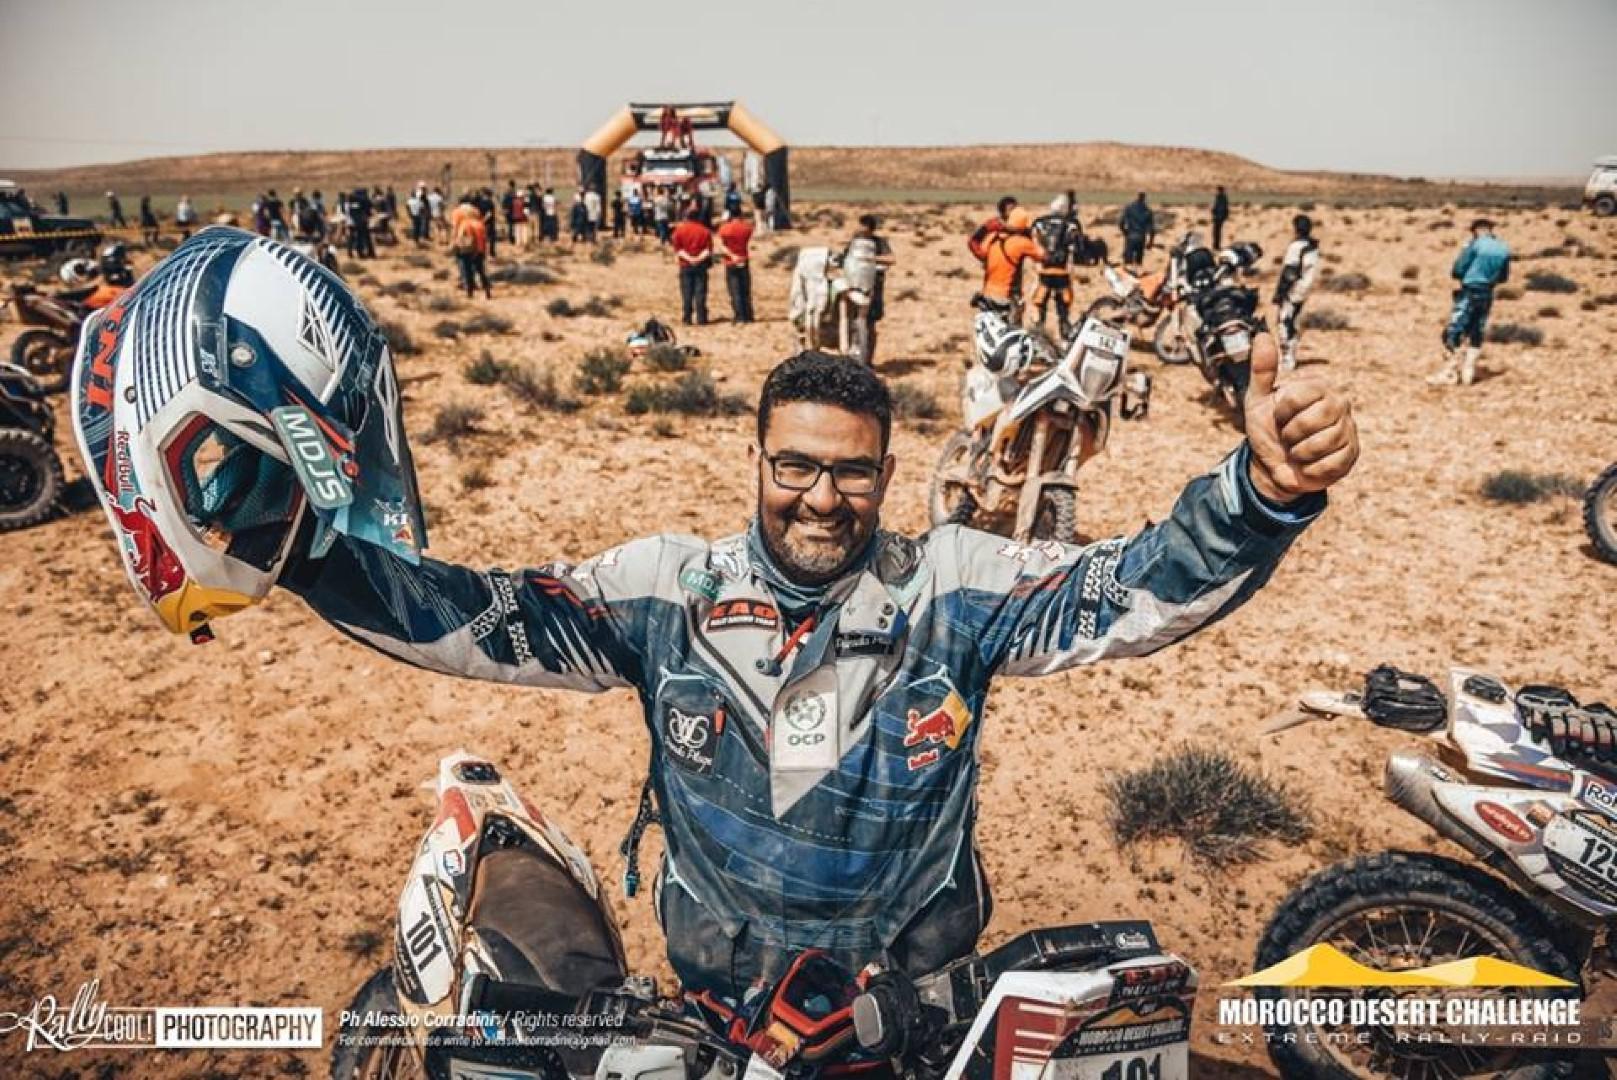 Morocco Desert Challenge : Harite Gabari l'emporte en moto !